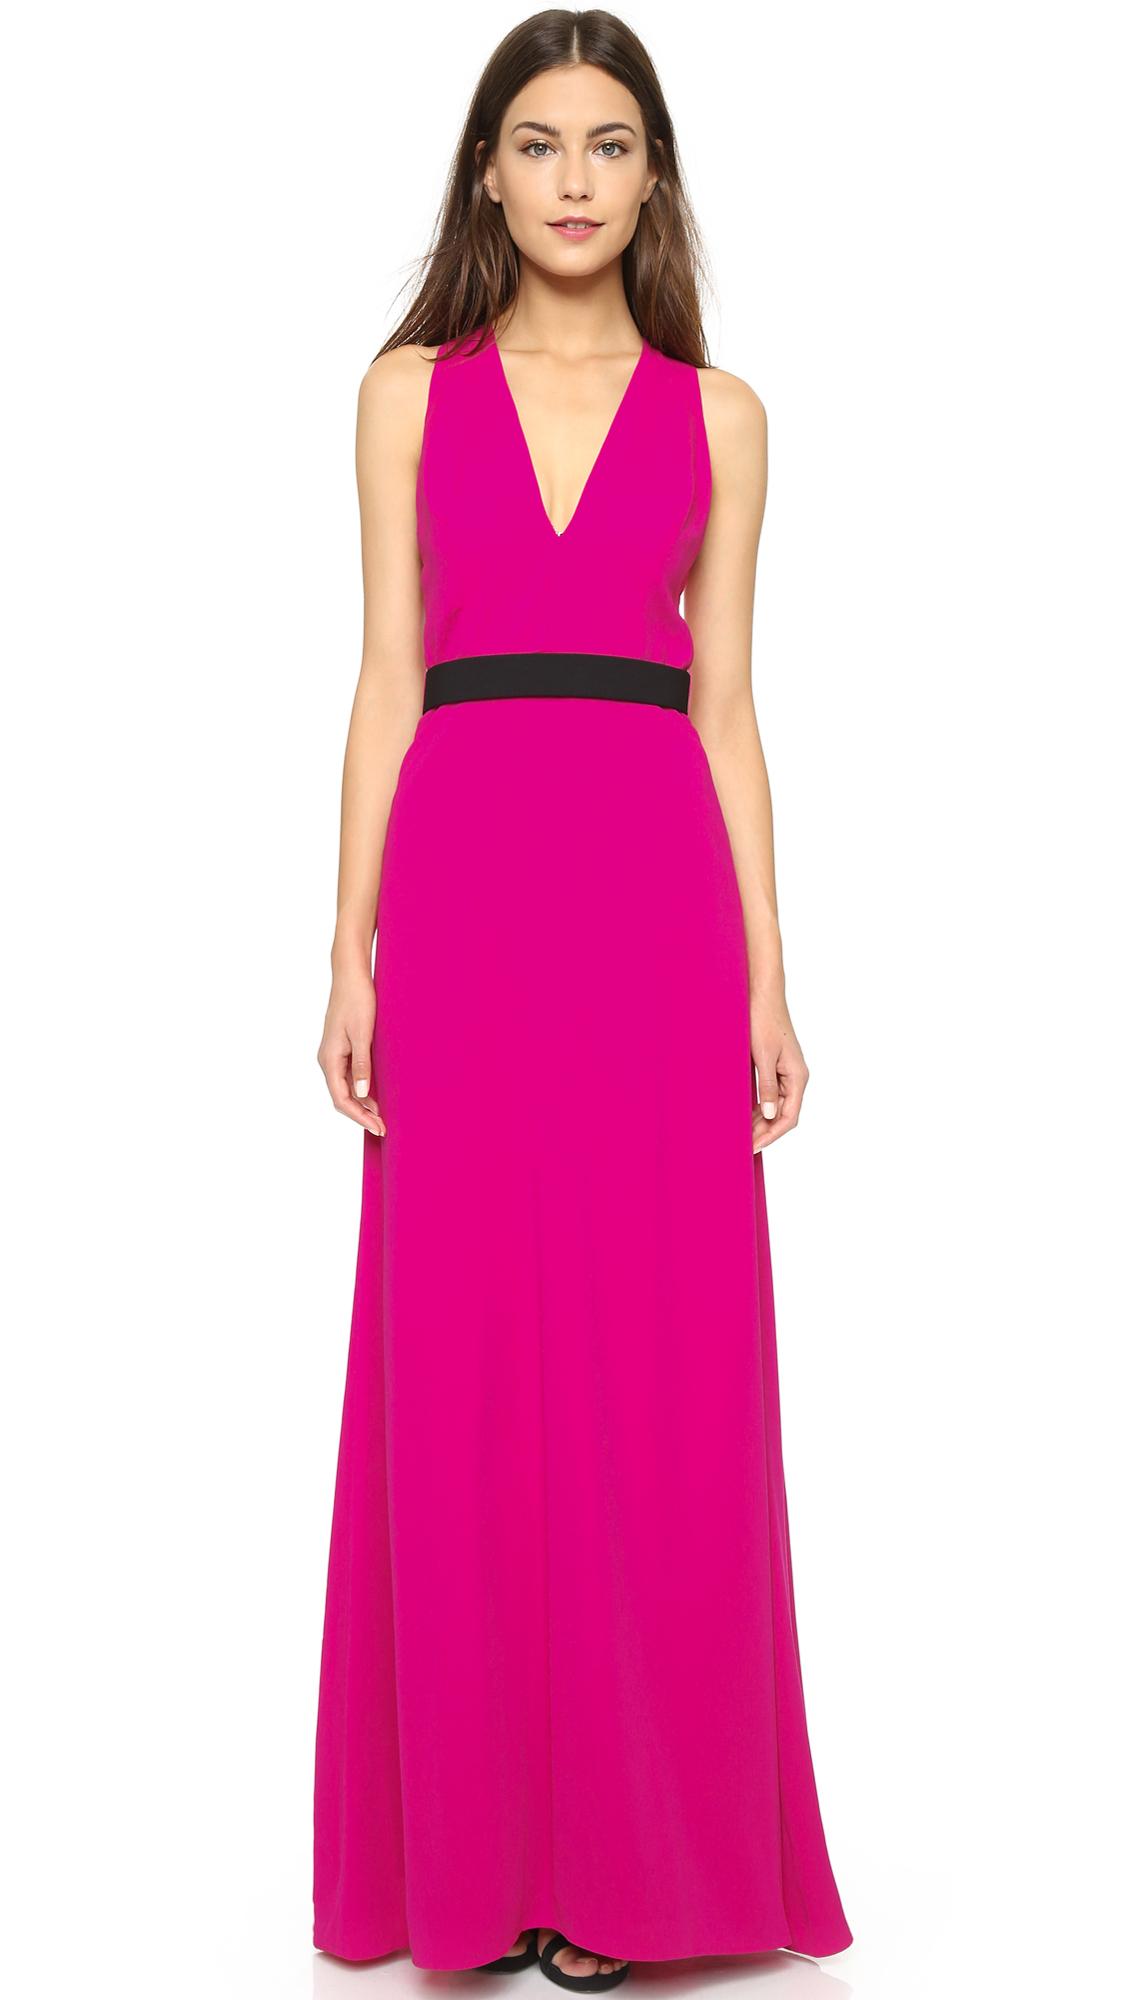 Jill Jill Stuart Open Back Gown In Pink Lyst